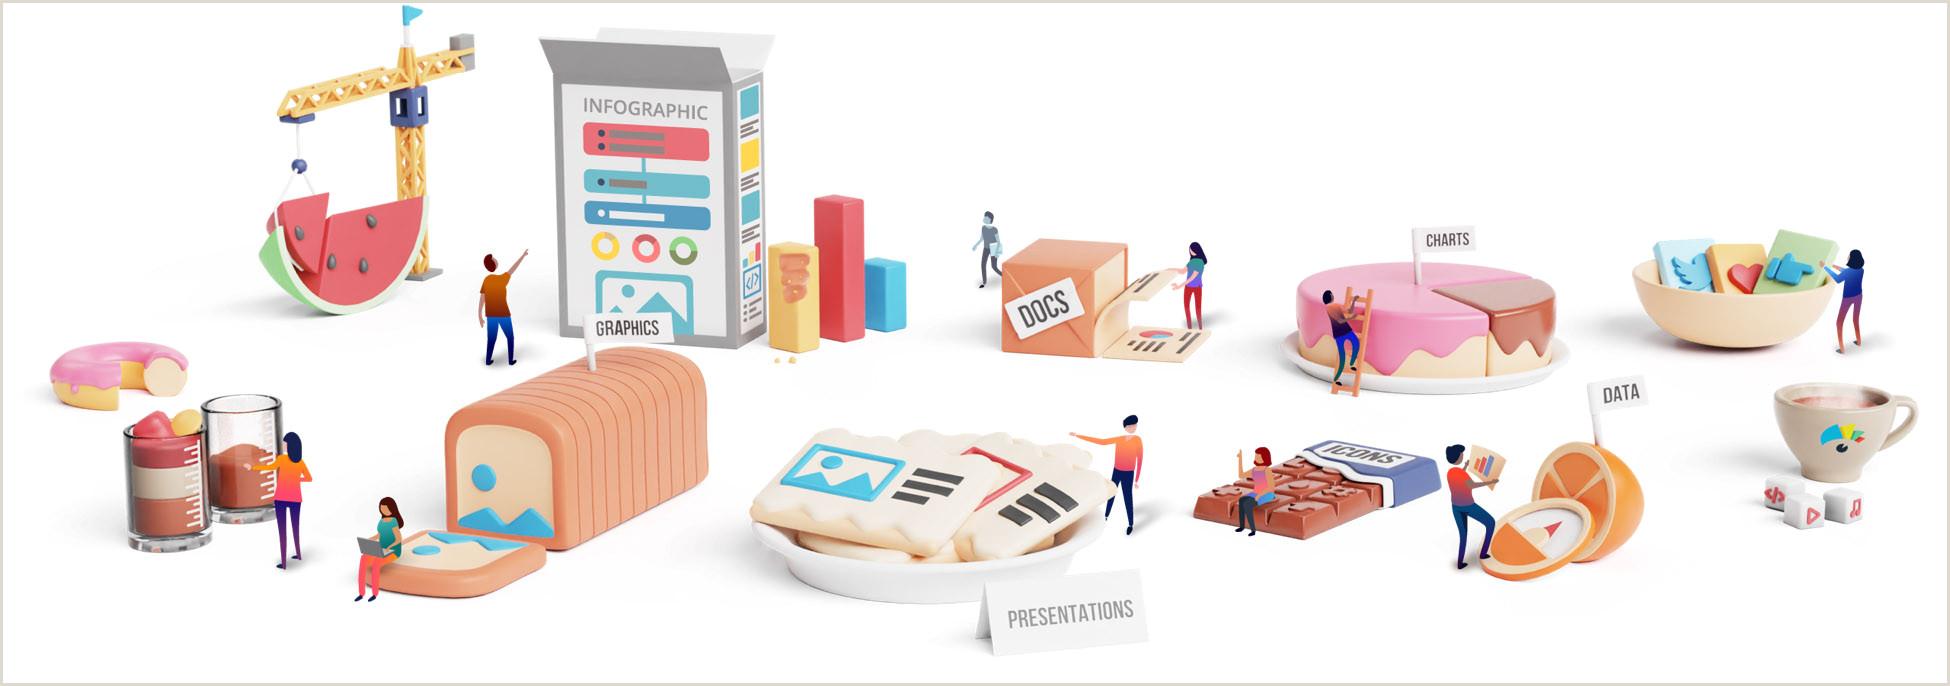 Pop Up Banner Design Free Infographic Software And Presentation Maker Make